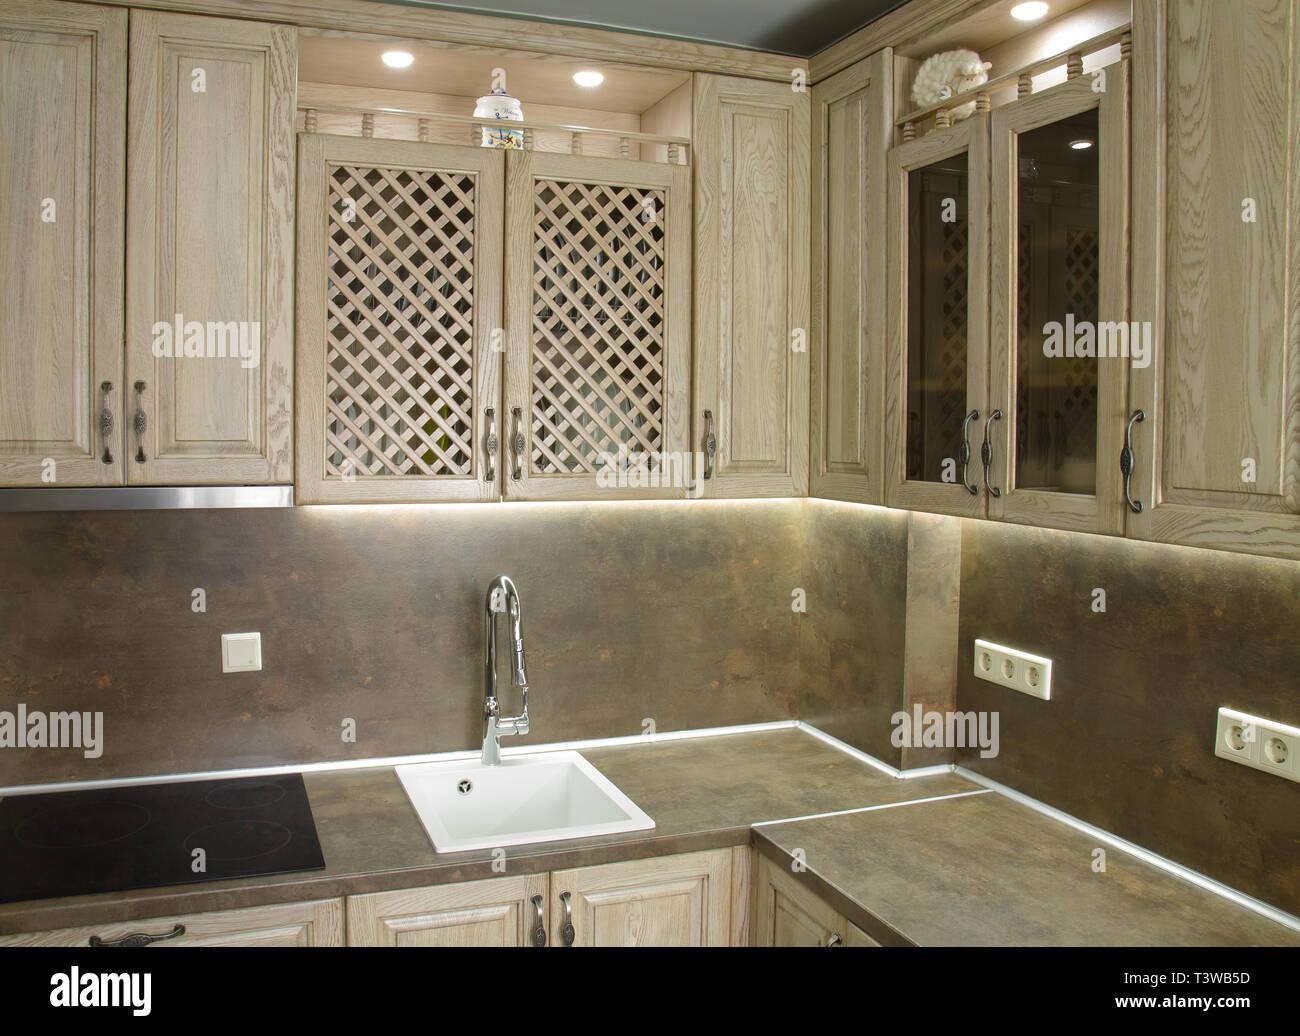 Dettagli di stile vintage mobili per cucina in beige marrone colore ...